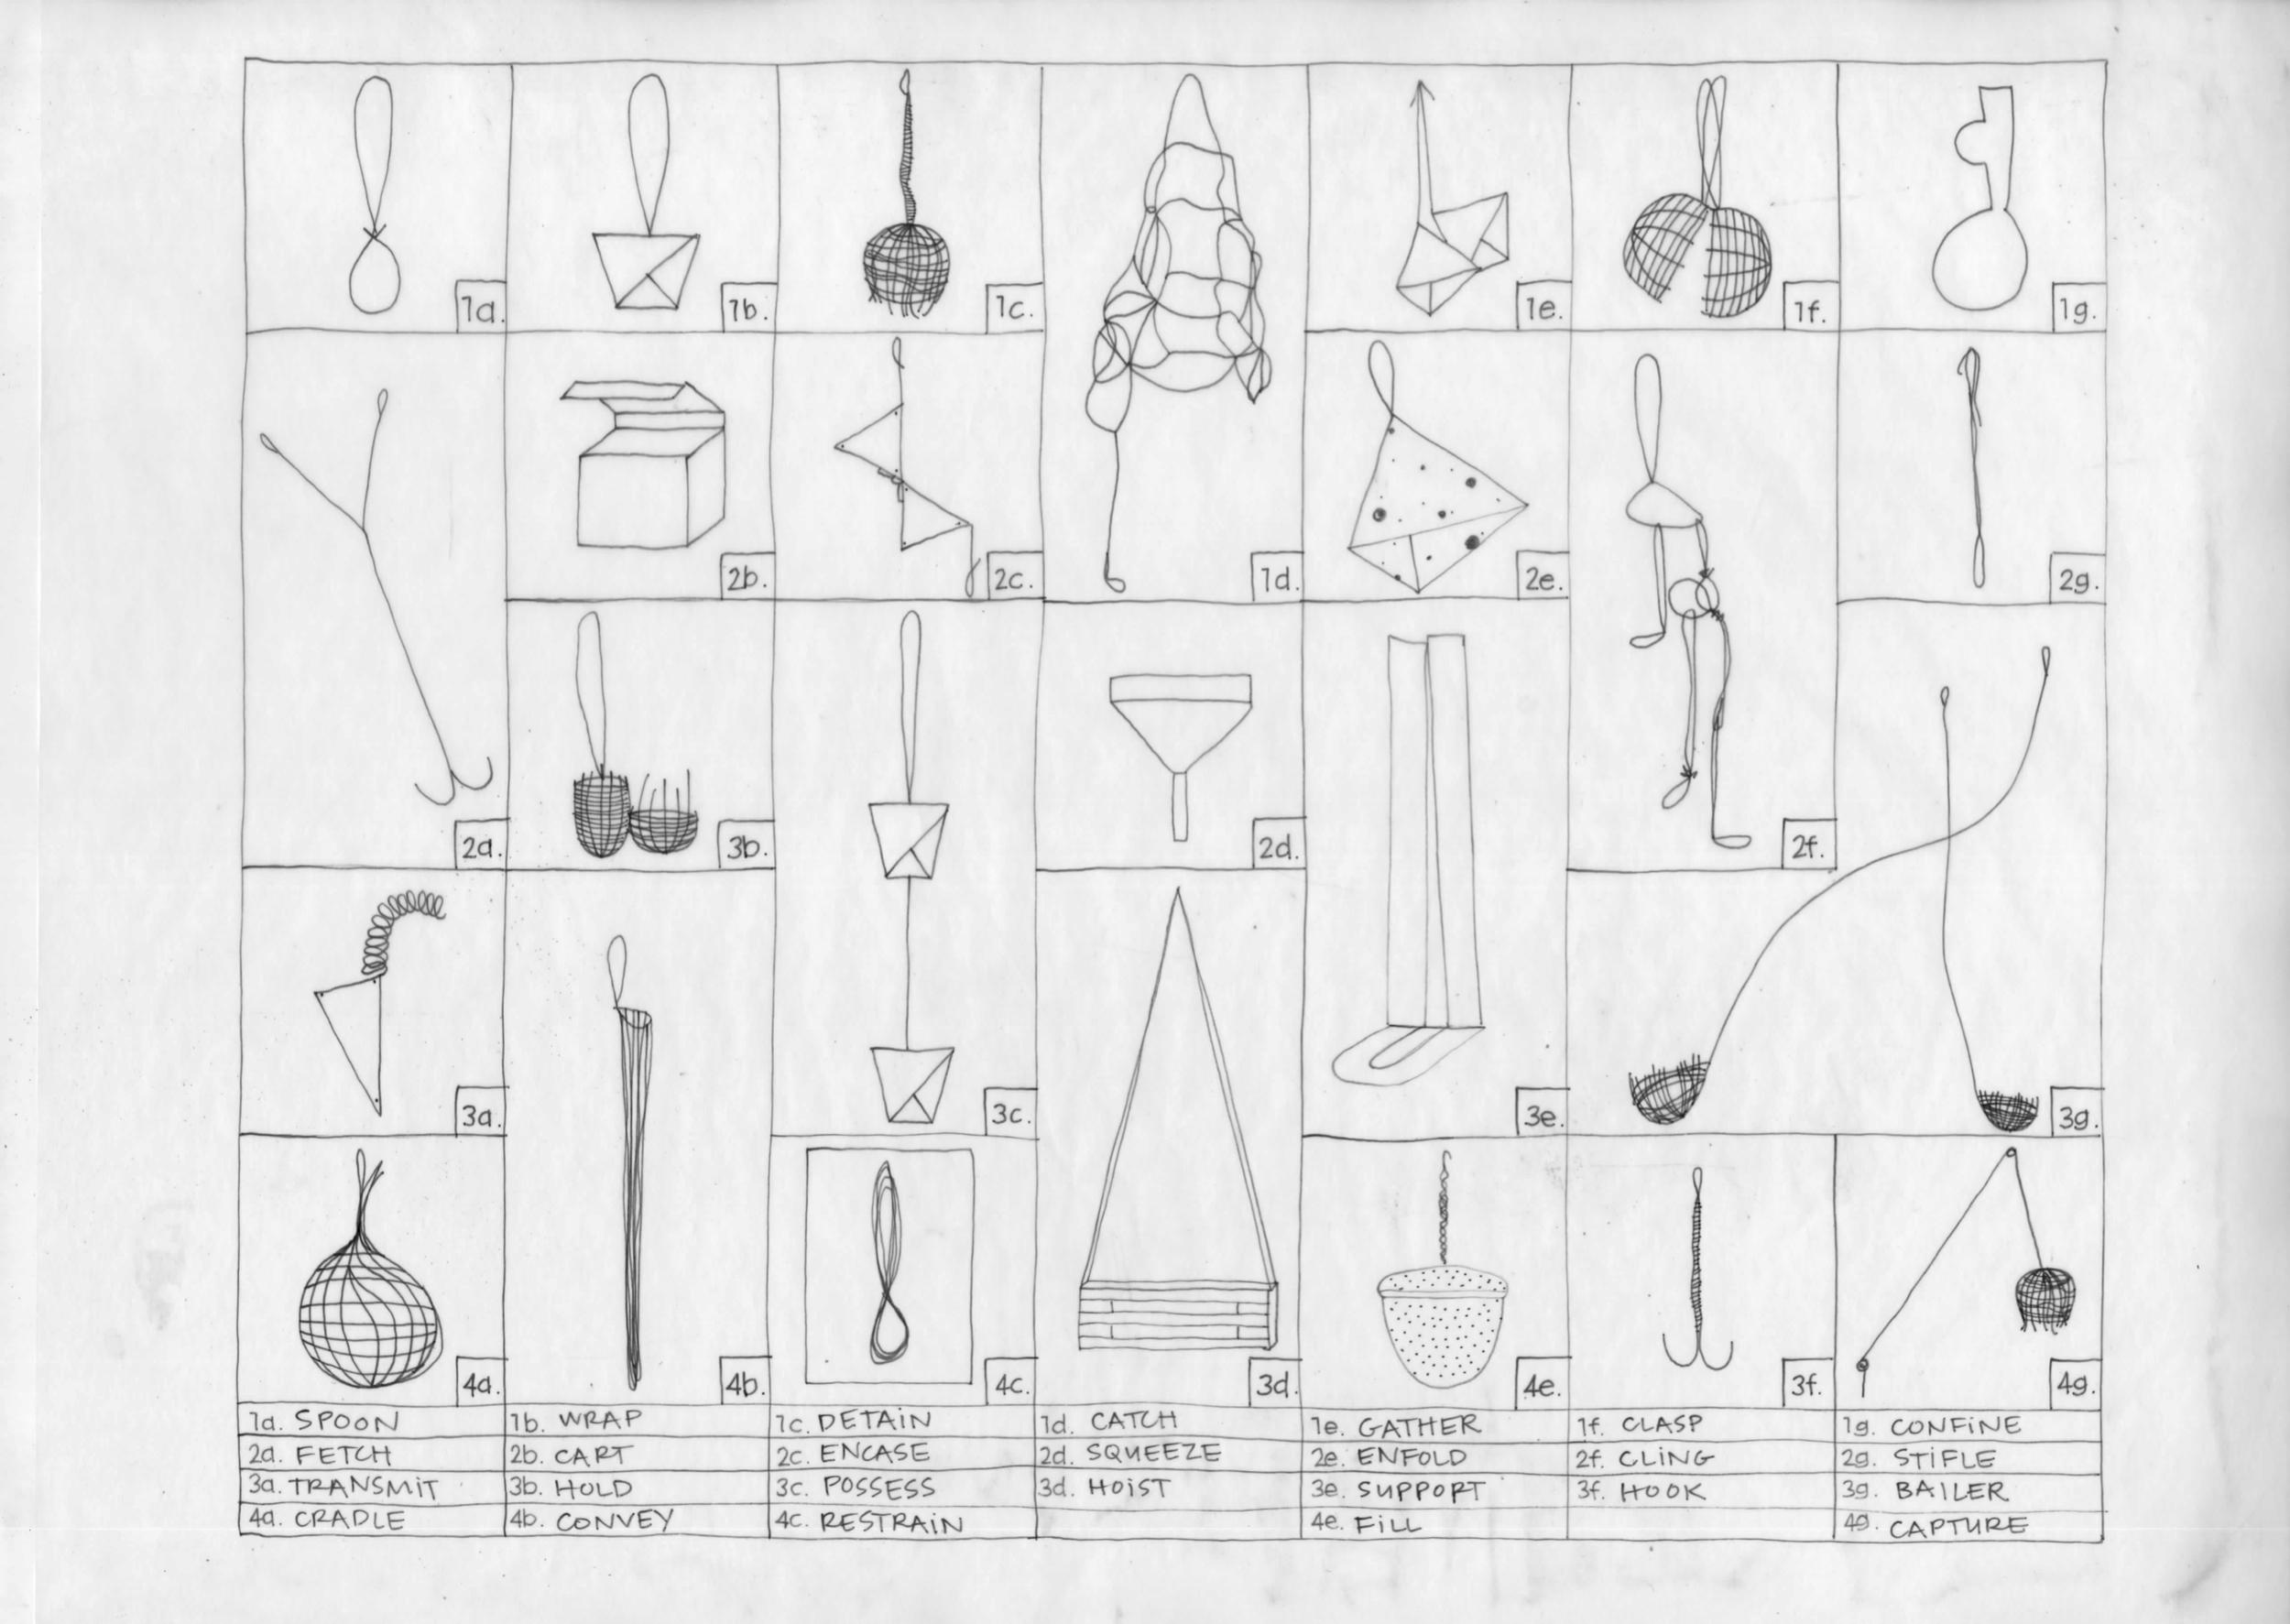 Spoon Catalog I, 2013